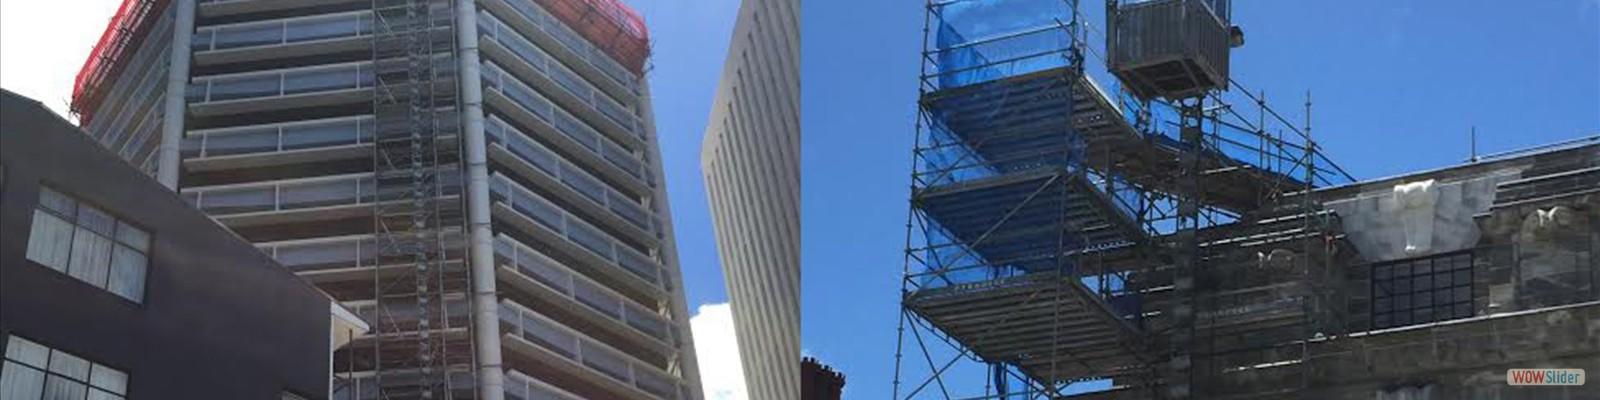 Construction Hoist NZ|Materials Hoists NZ|Temporary Goods Lift|Goods